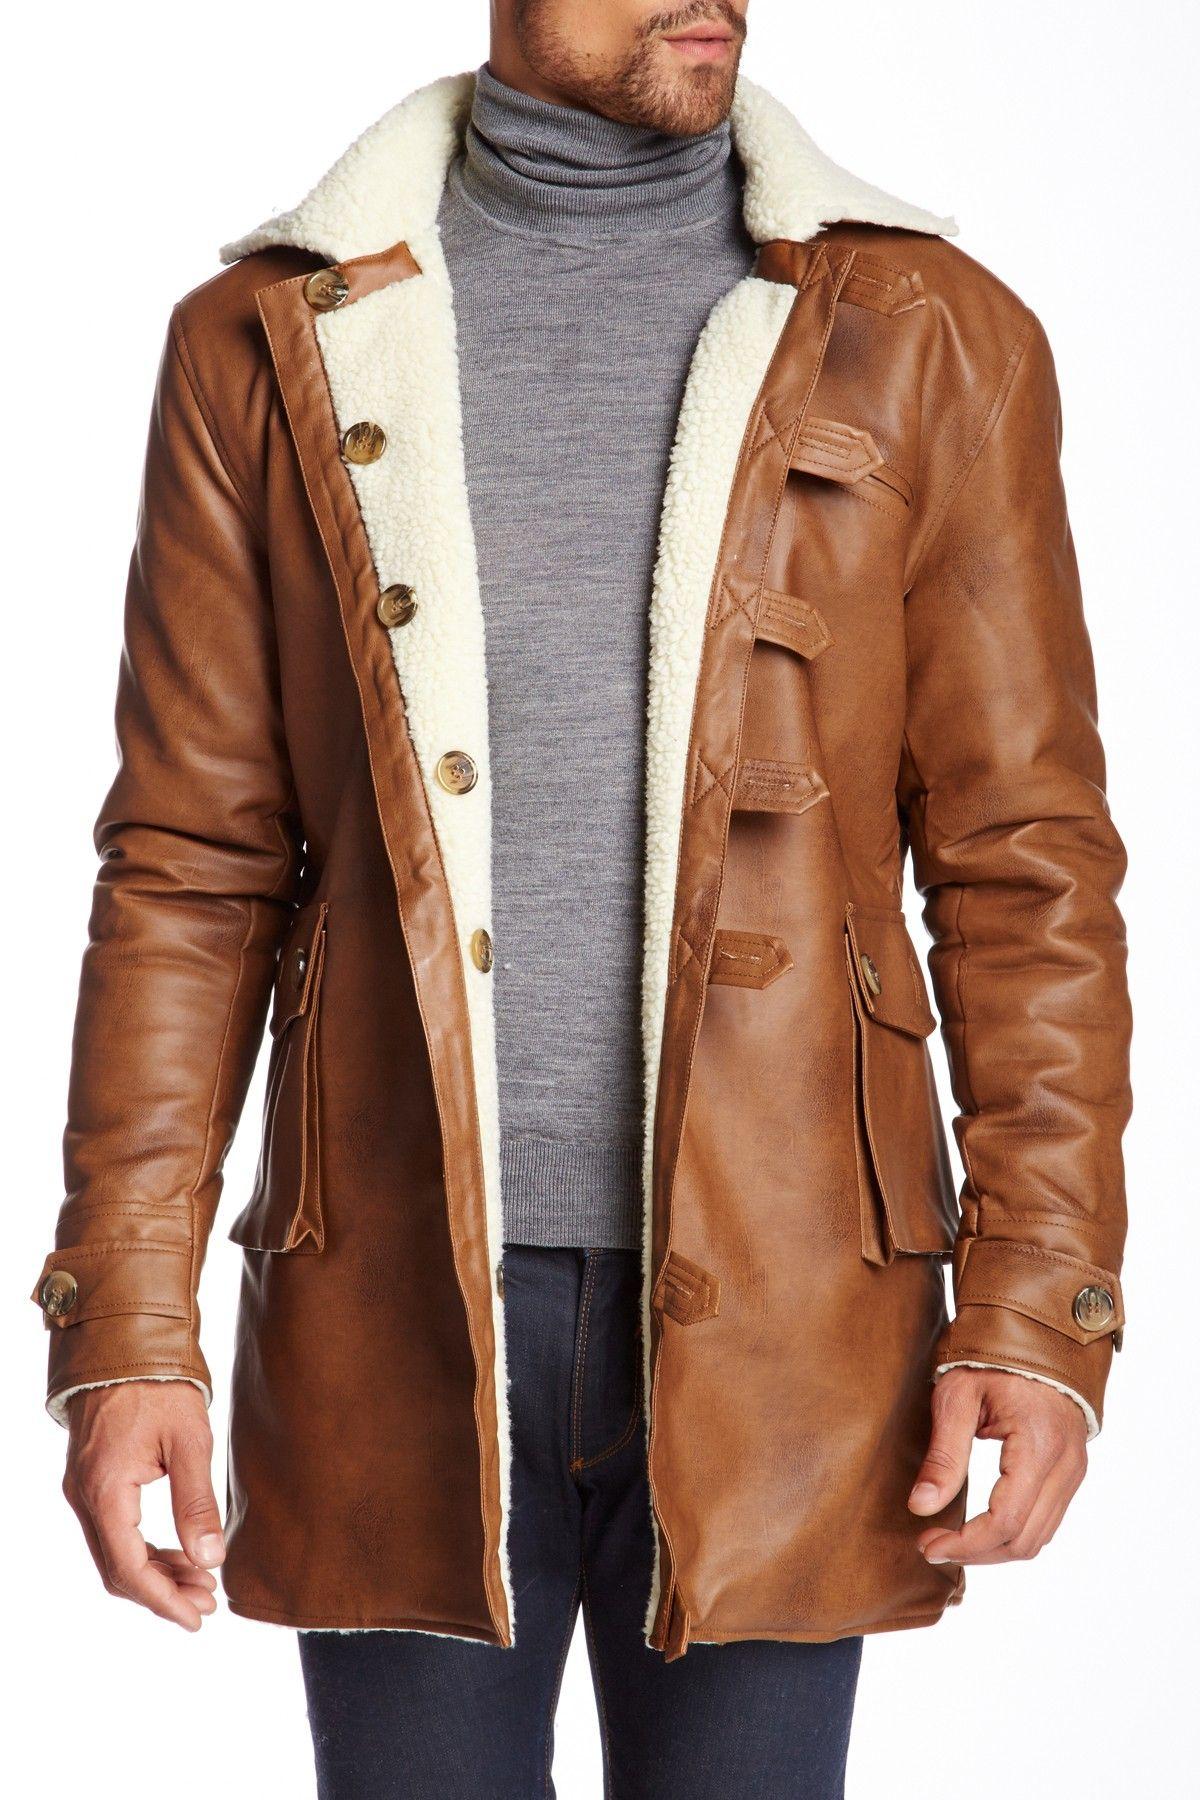 On Hautelook Seduka Faux Fur Lined Faux Leather Coat Faux Leather Coat Mens Leather Coats Mens Winter Fashion [ 1800 x 1200 Pixel ]